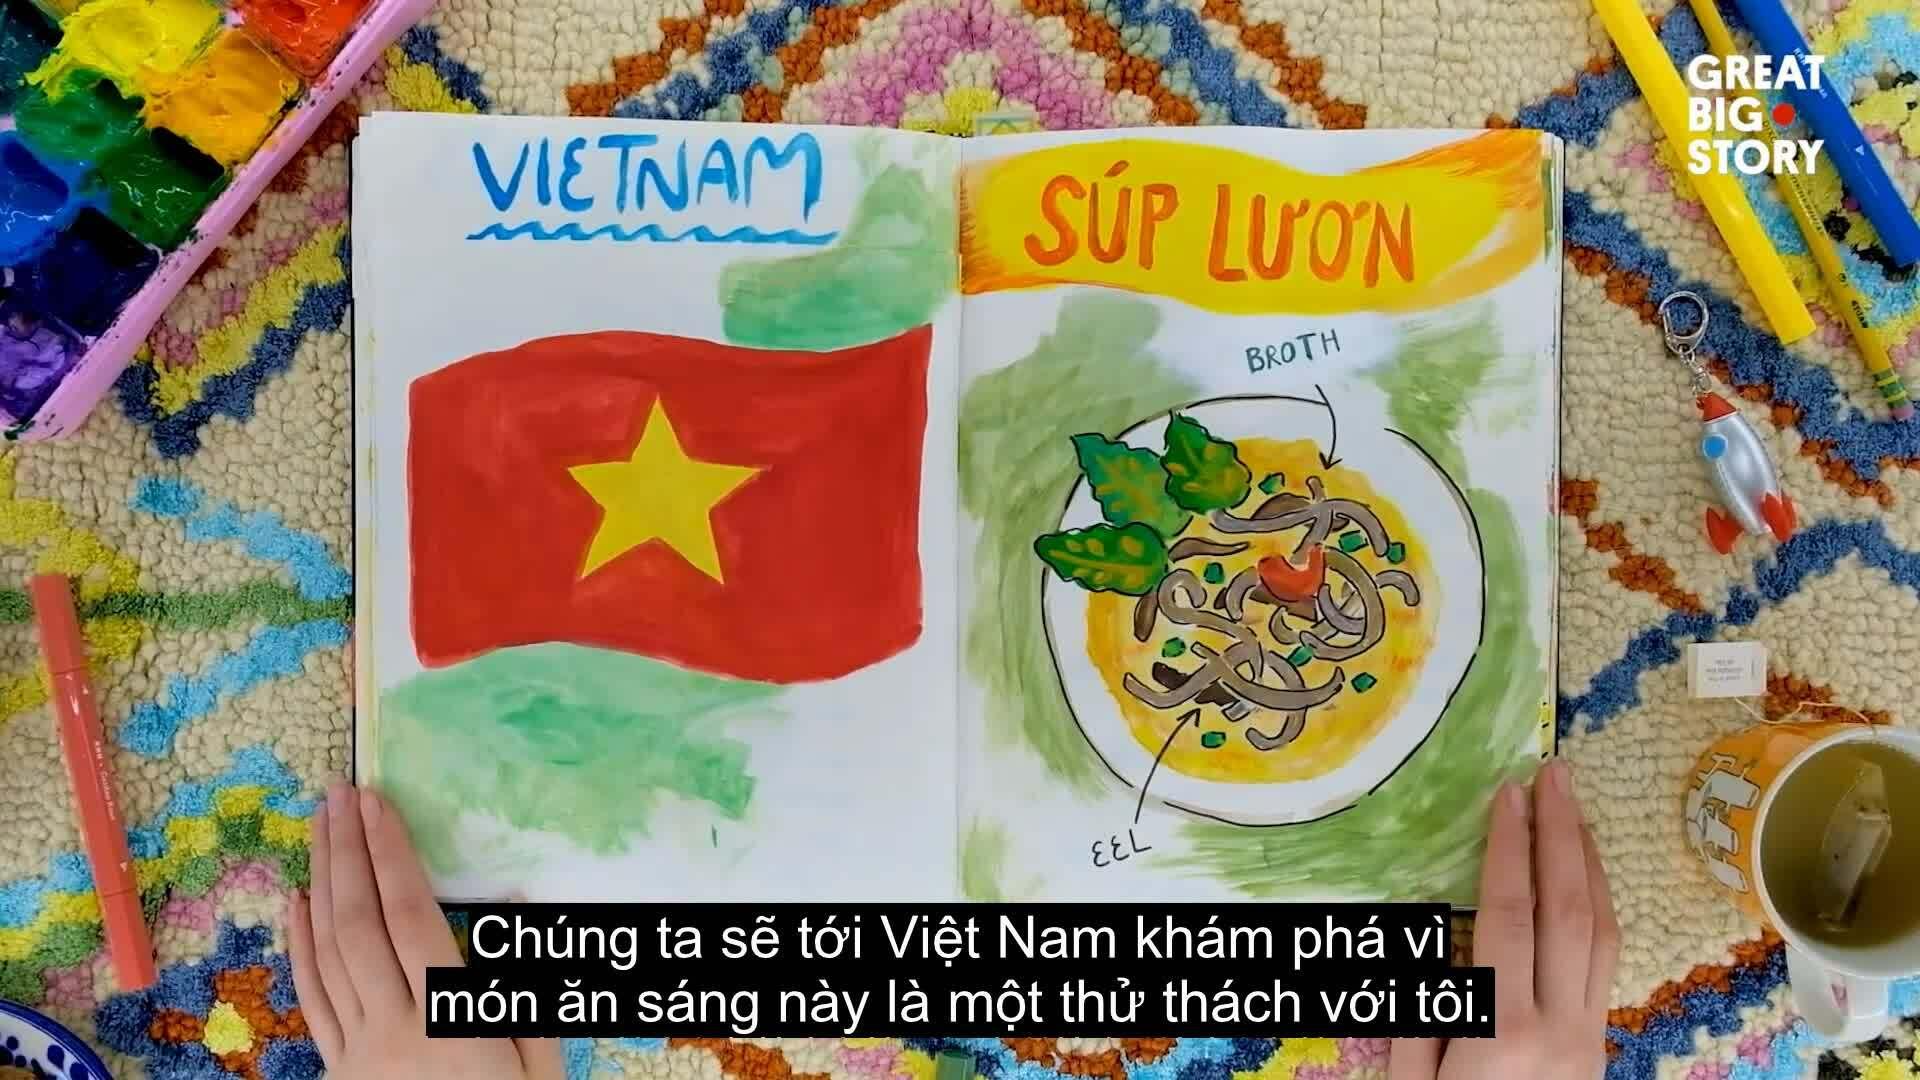 Báo Mỹ giới thiệu súp lươn Nghệ An